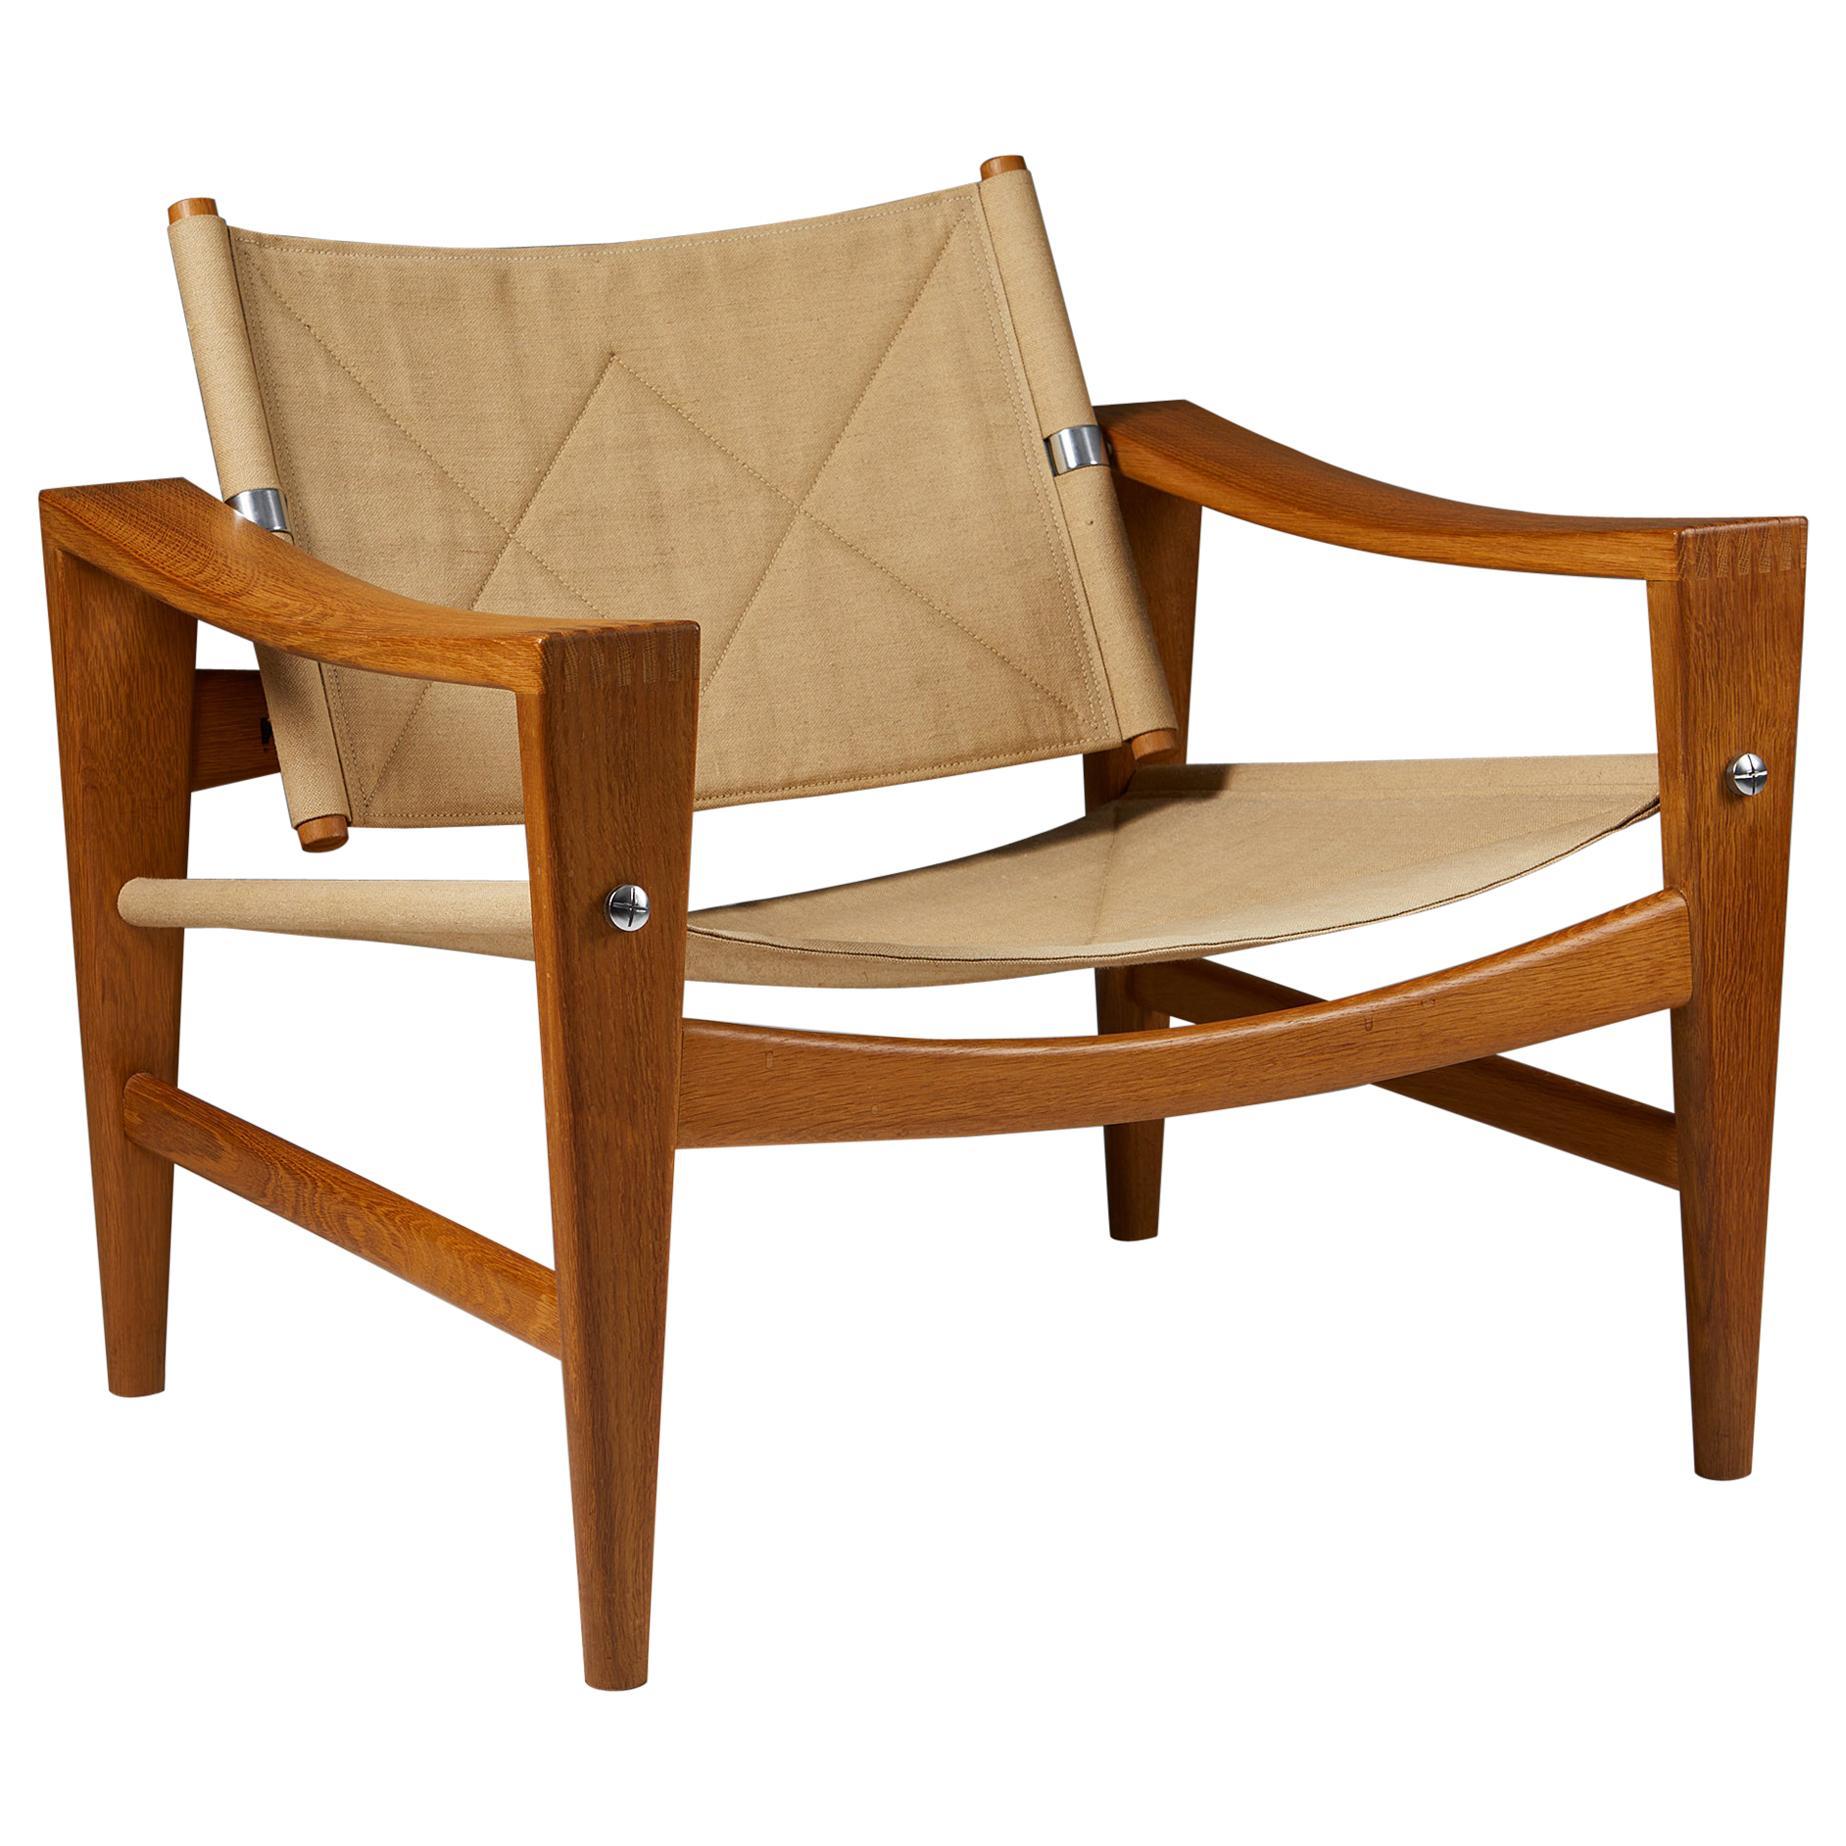 Armchair Designed by Hans J. Wegner for Johannes Hansen, Denmark, 1950's